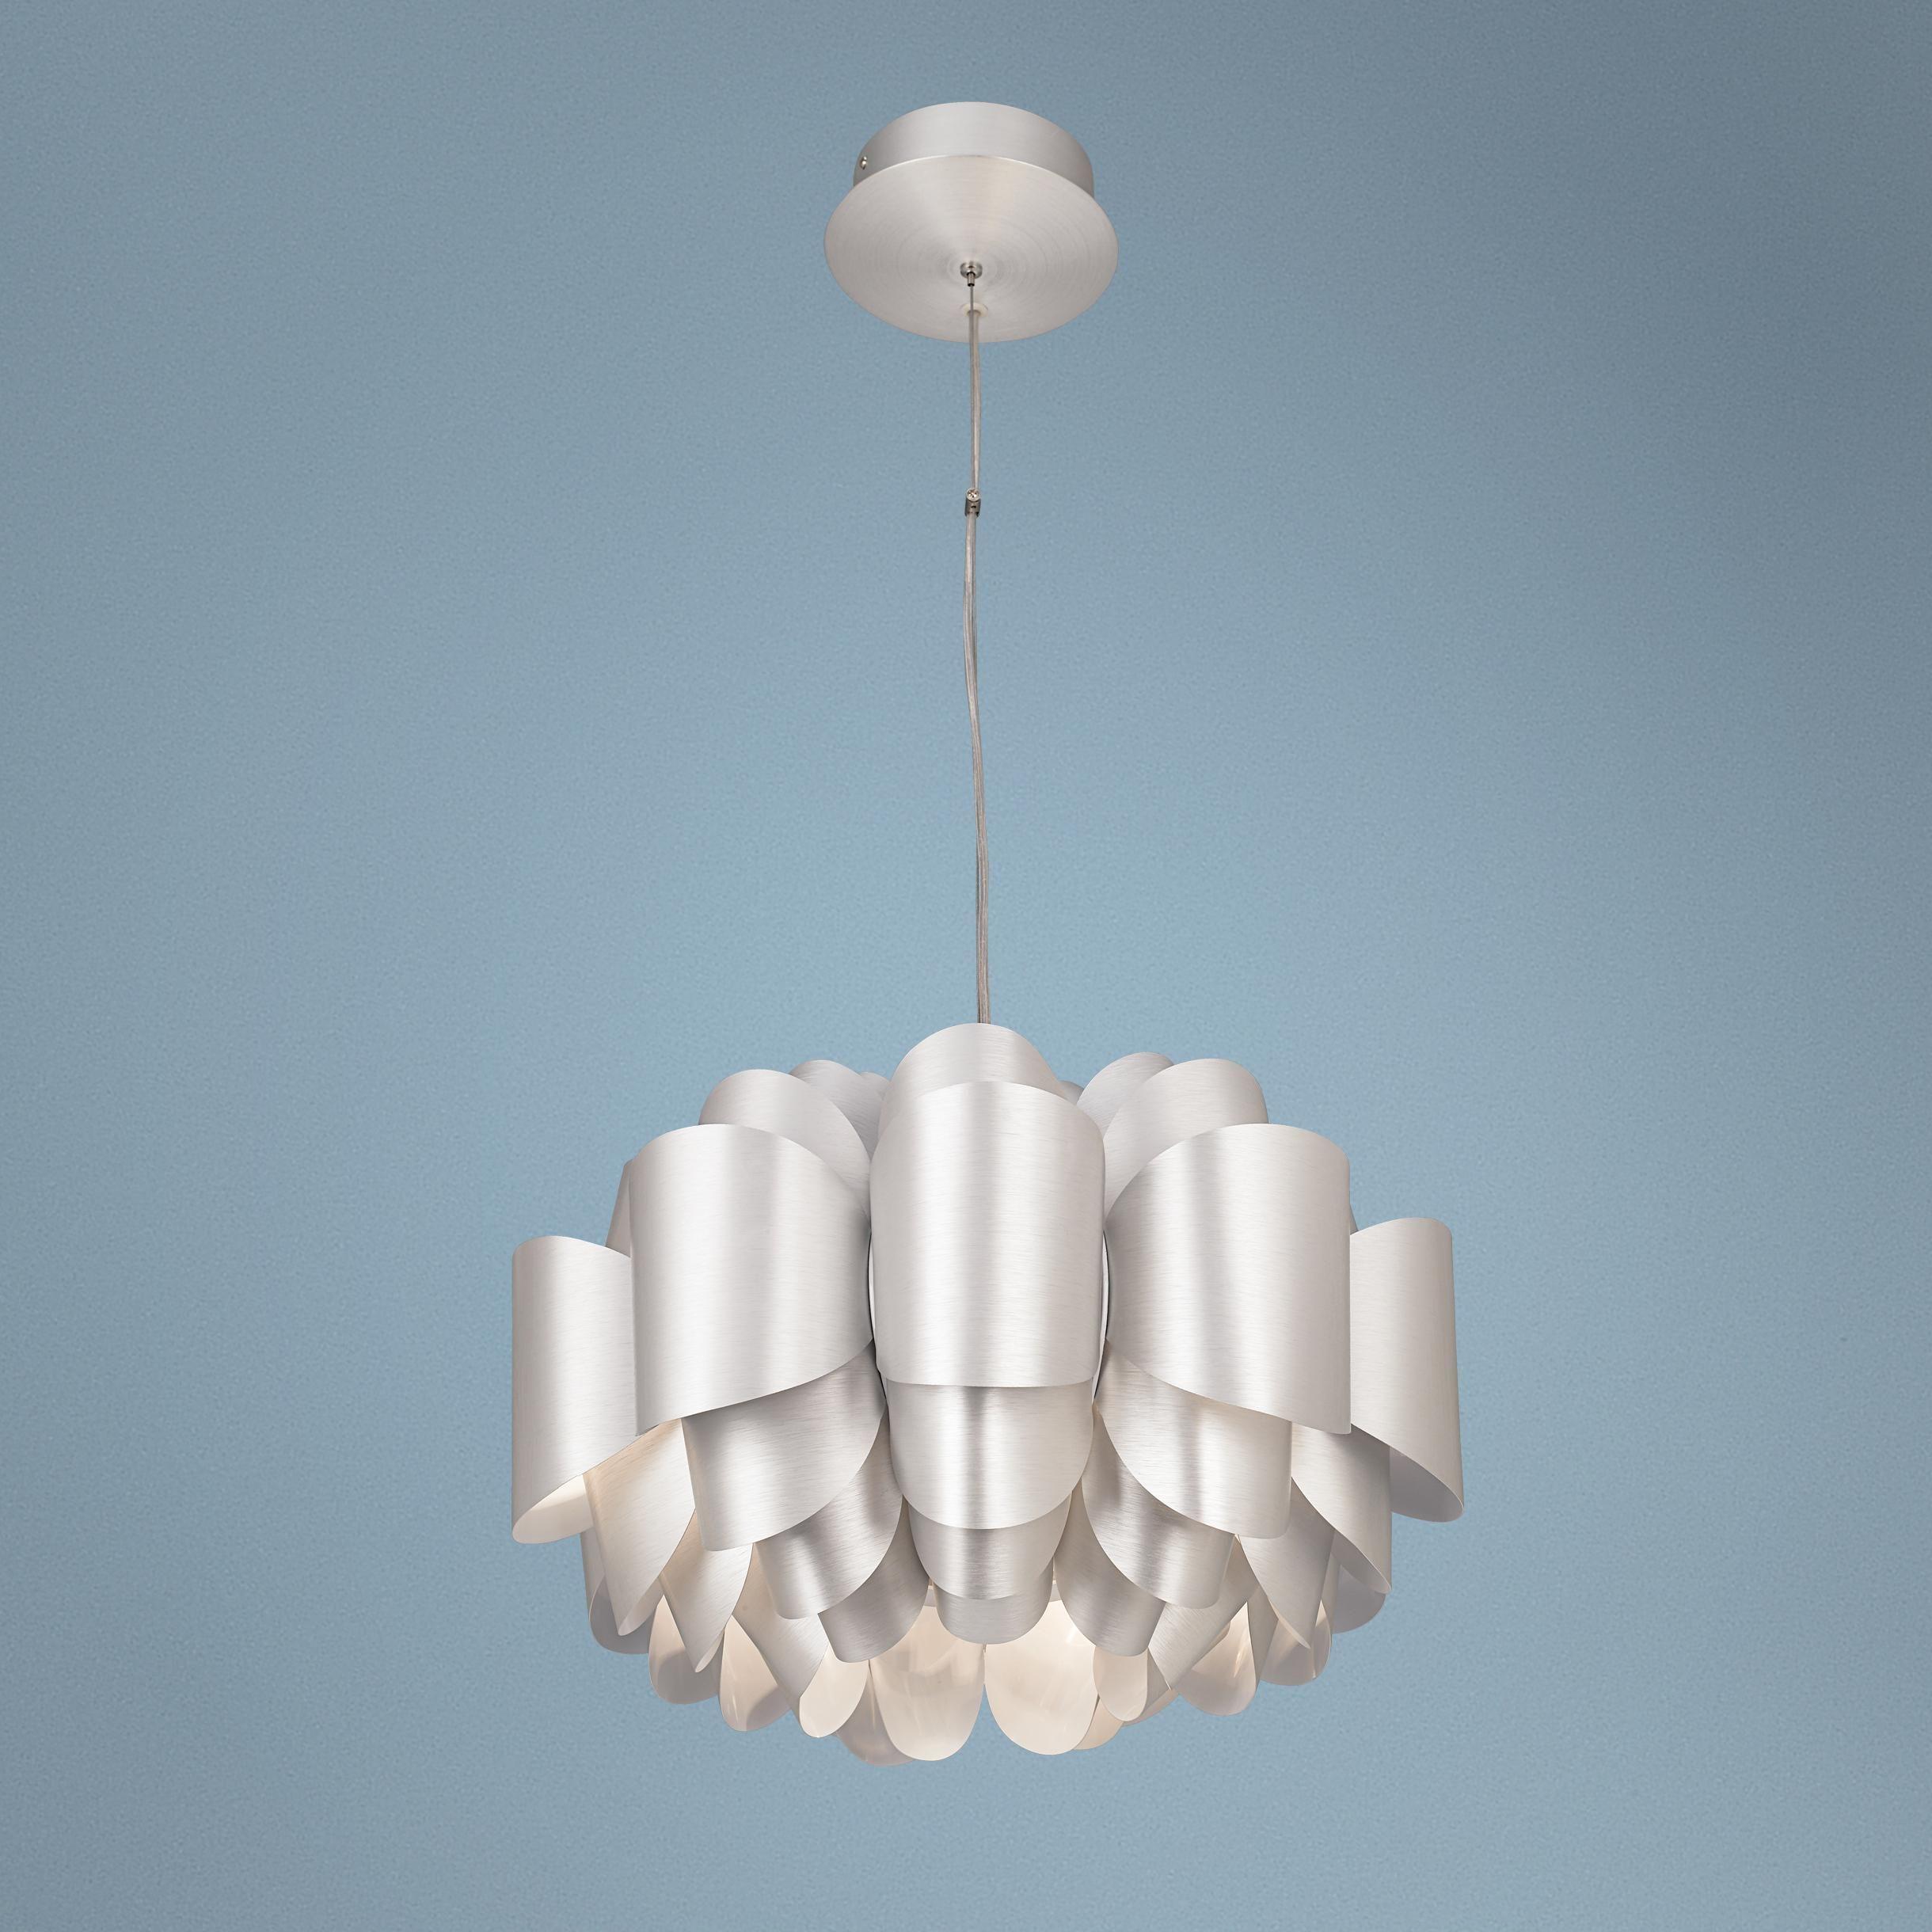 dining room chandelier possini euro design aluminum lotus pendant light